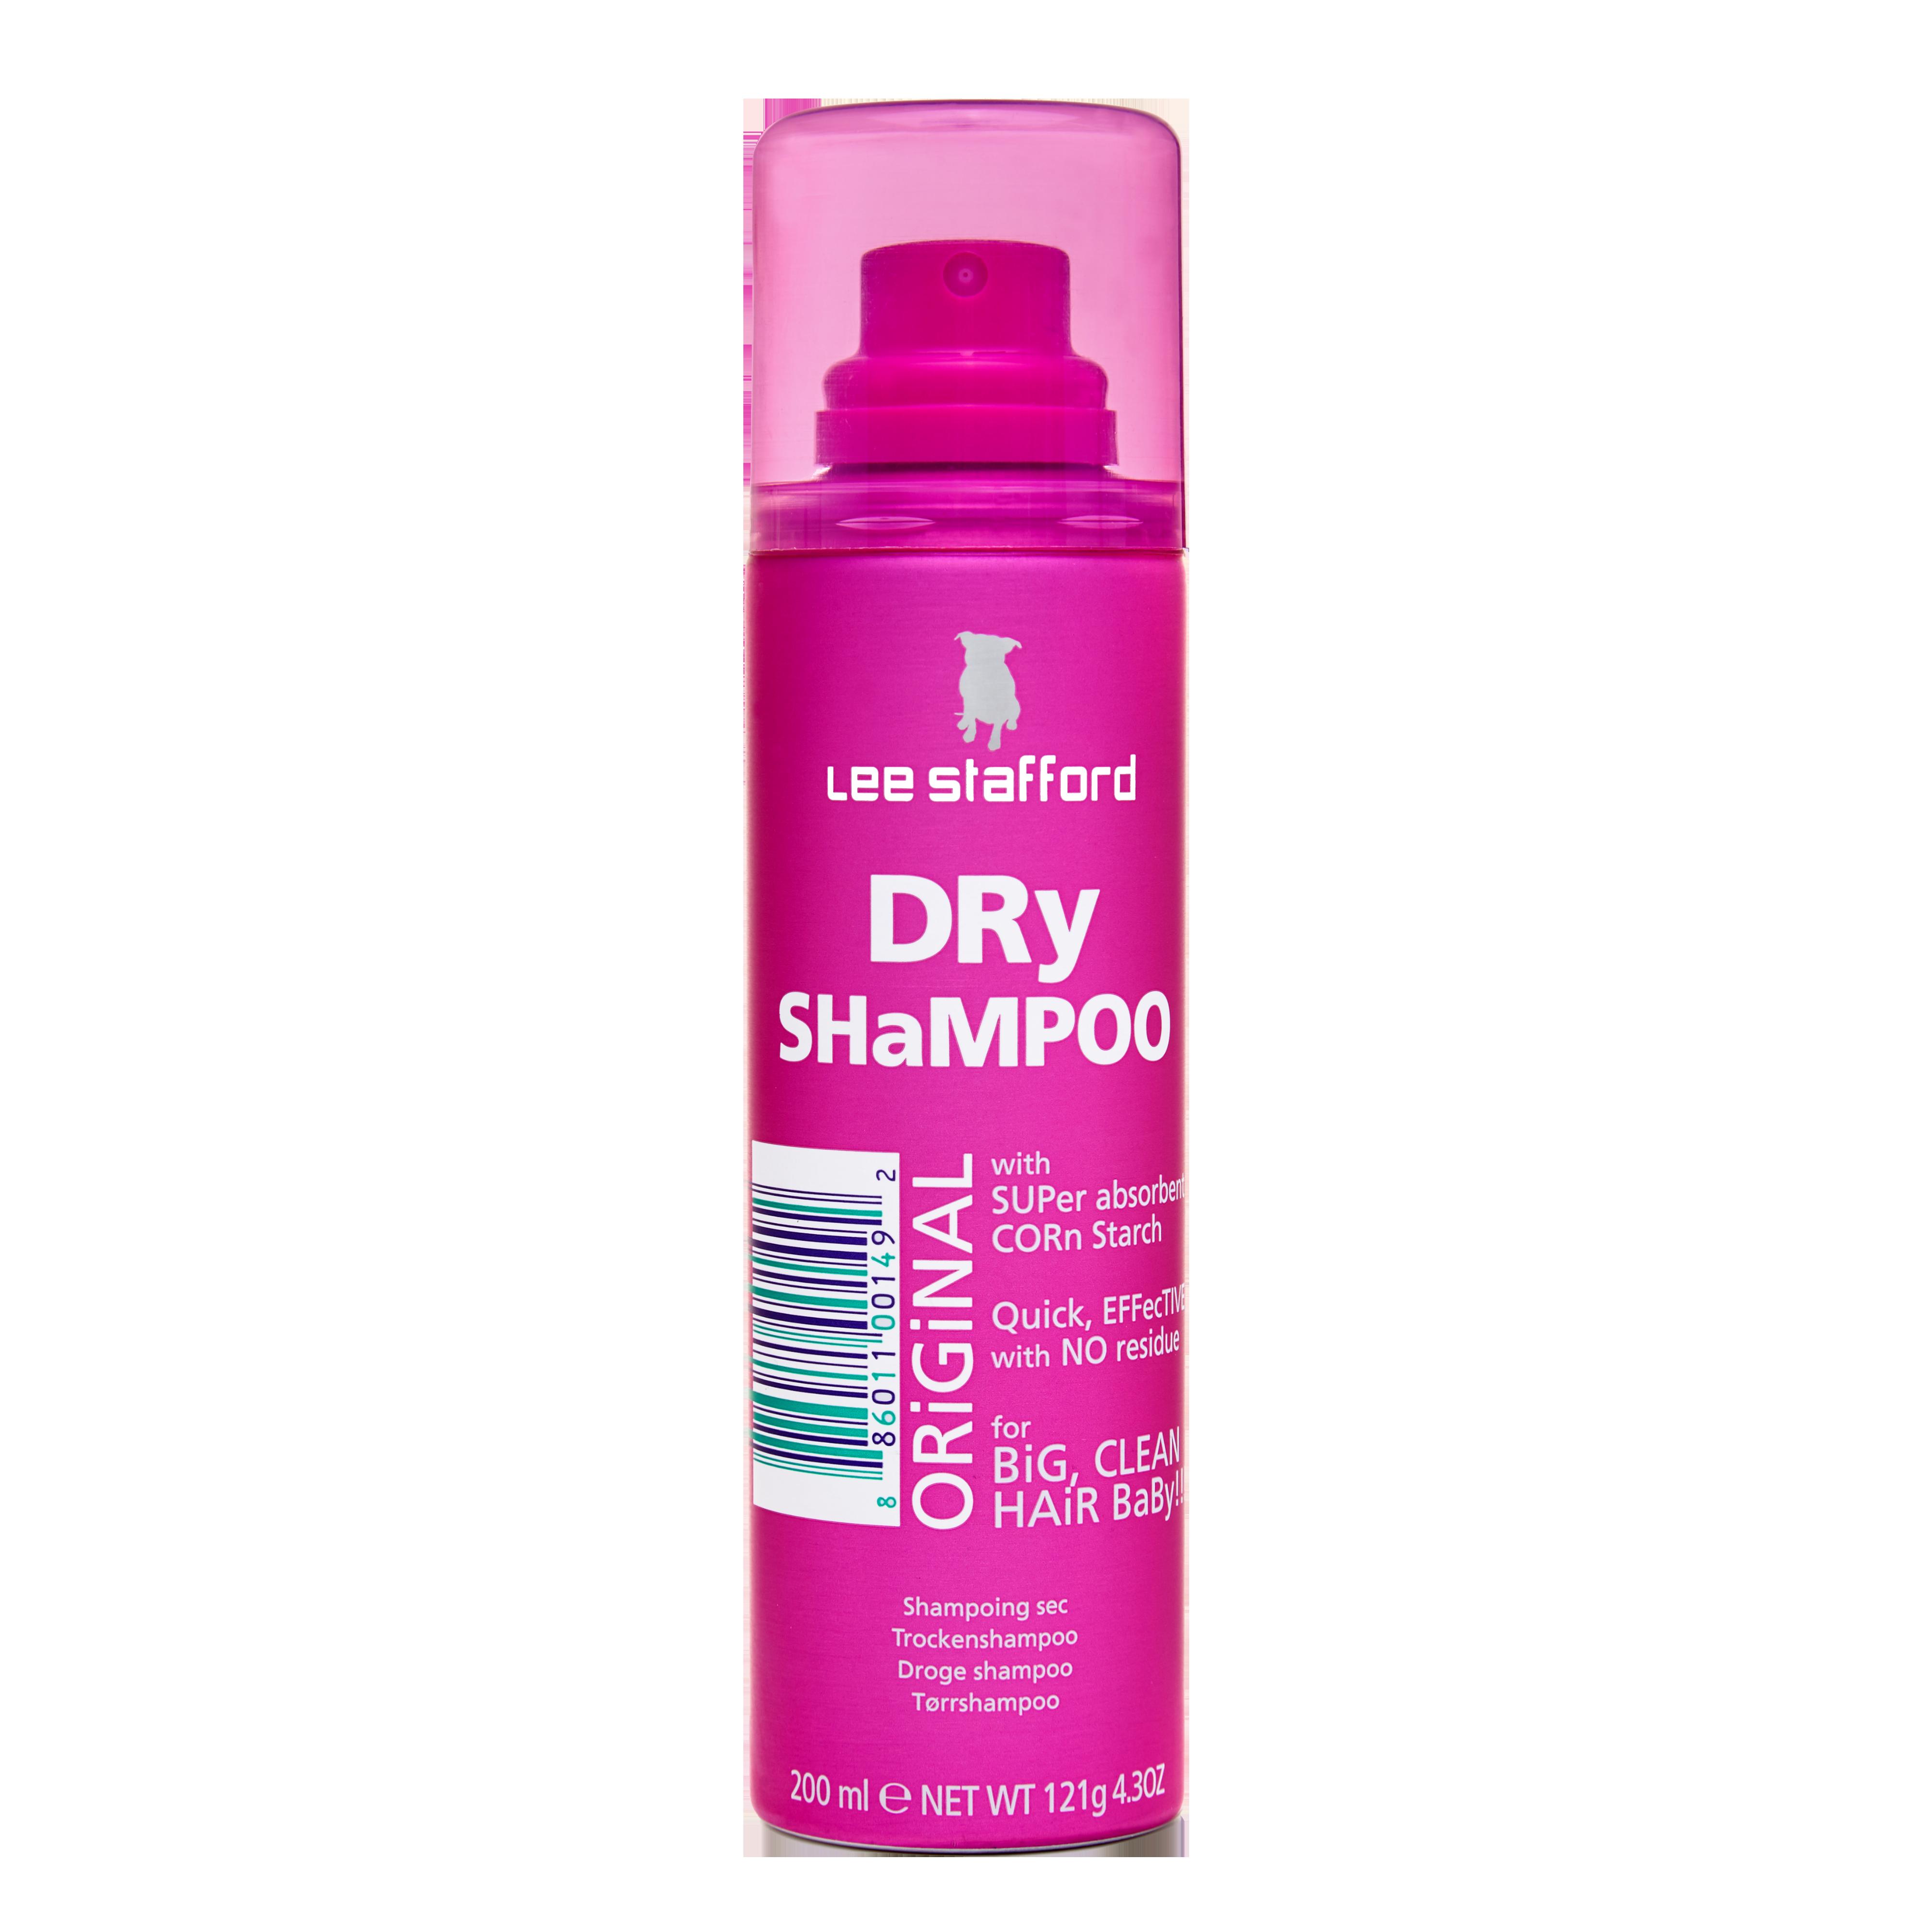 Original Dry Shampoo